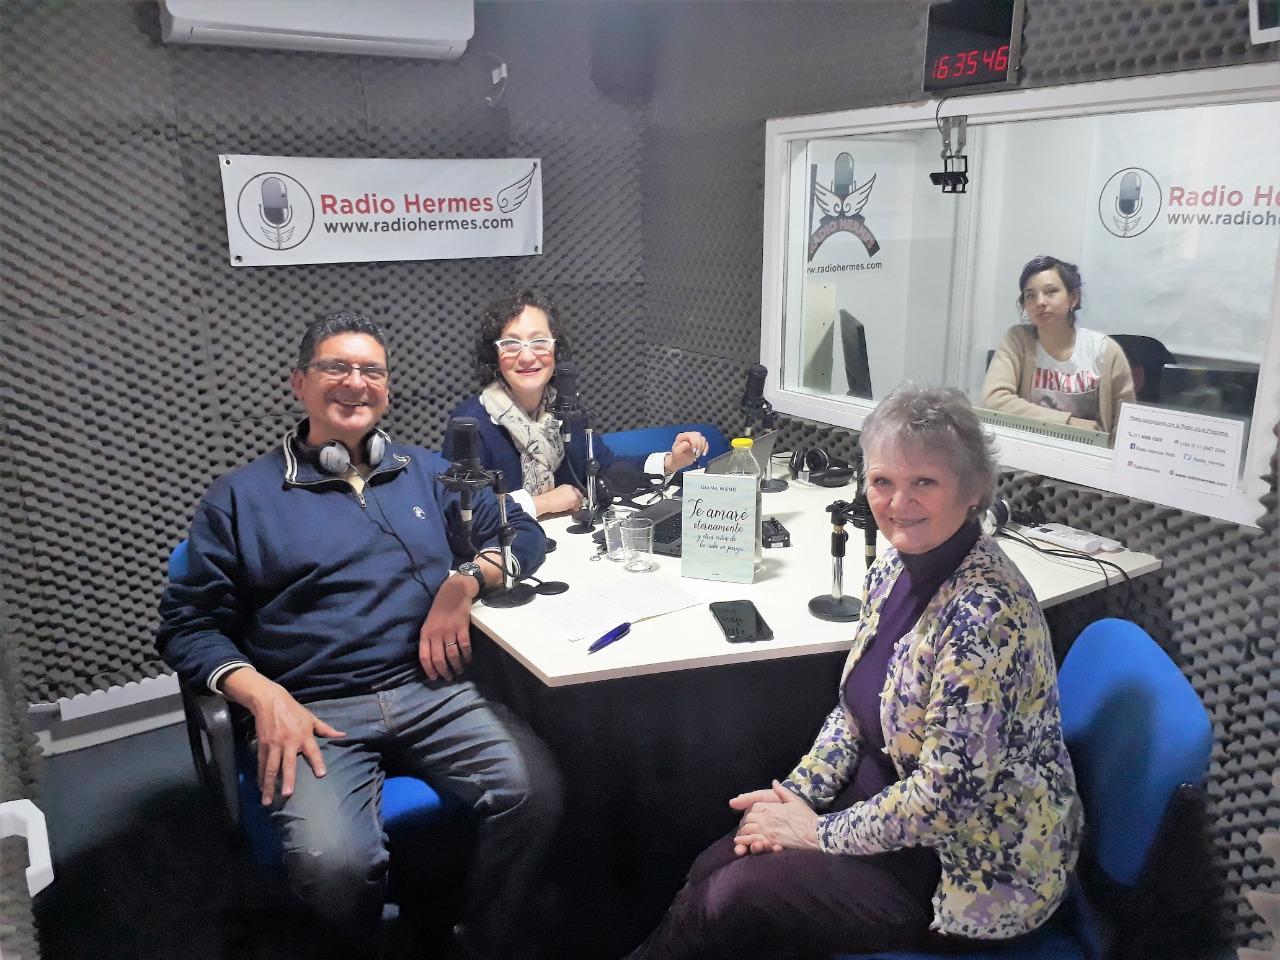 En el estudio de Radio Hermes, con Lena Reingold y Marcelo Della Mora en su programa Programa Radio Psi. Sábado 10 de agosto de 2019.